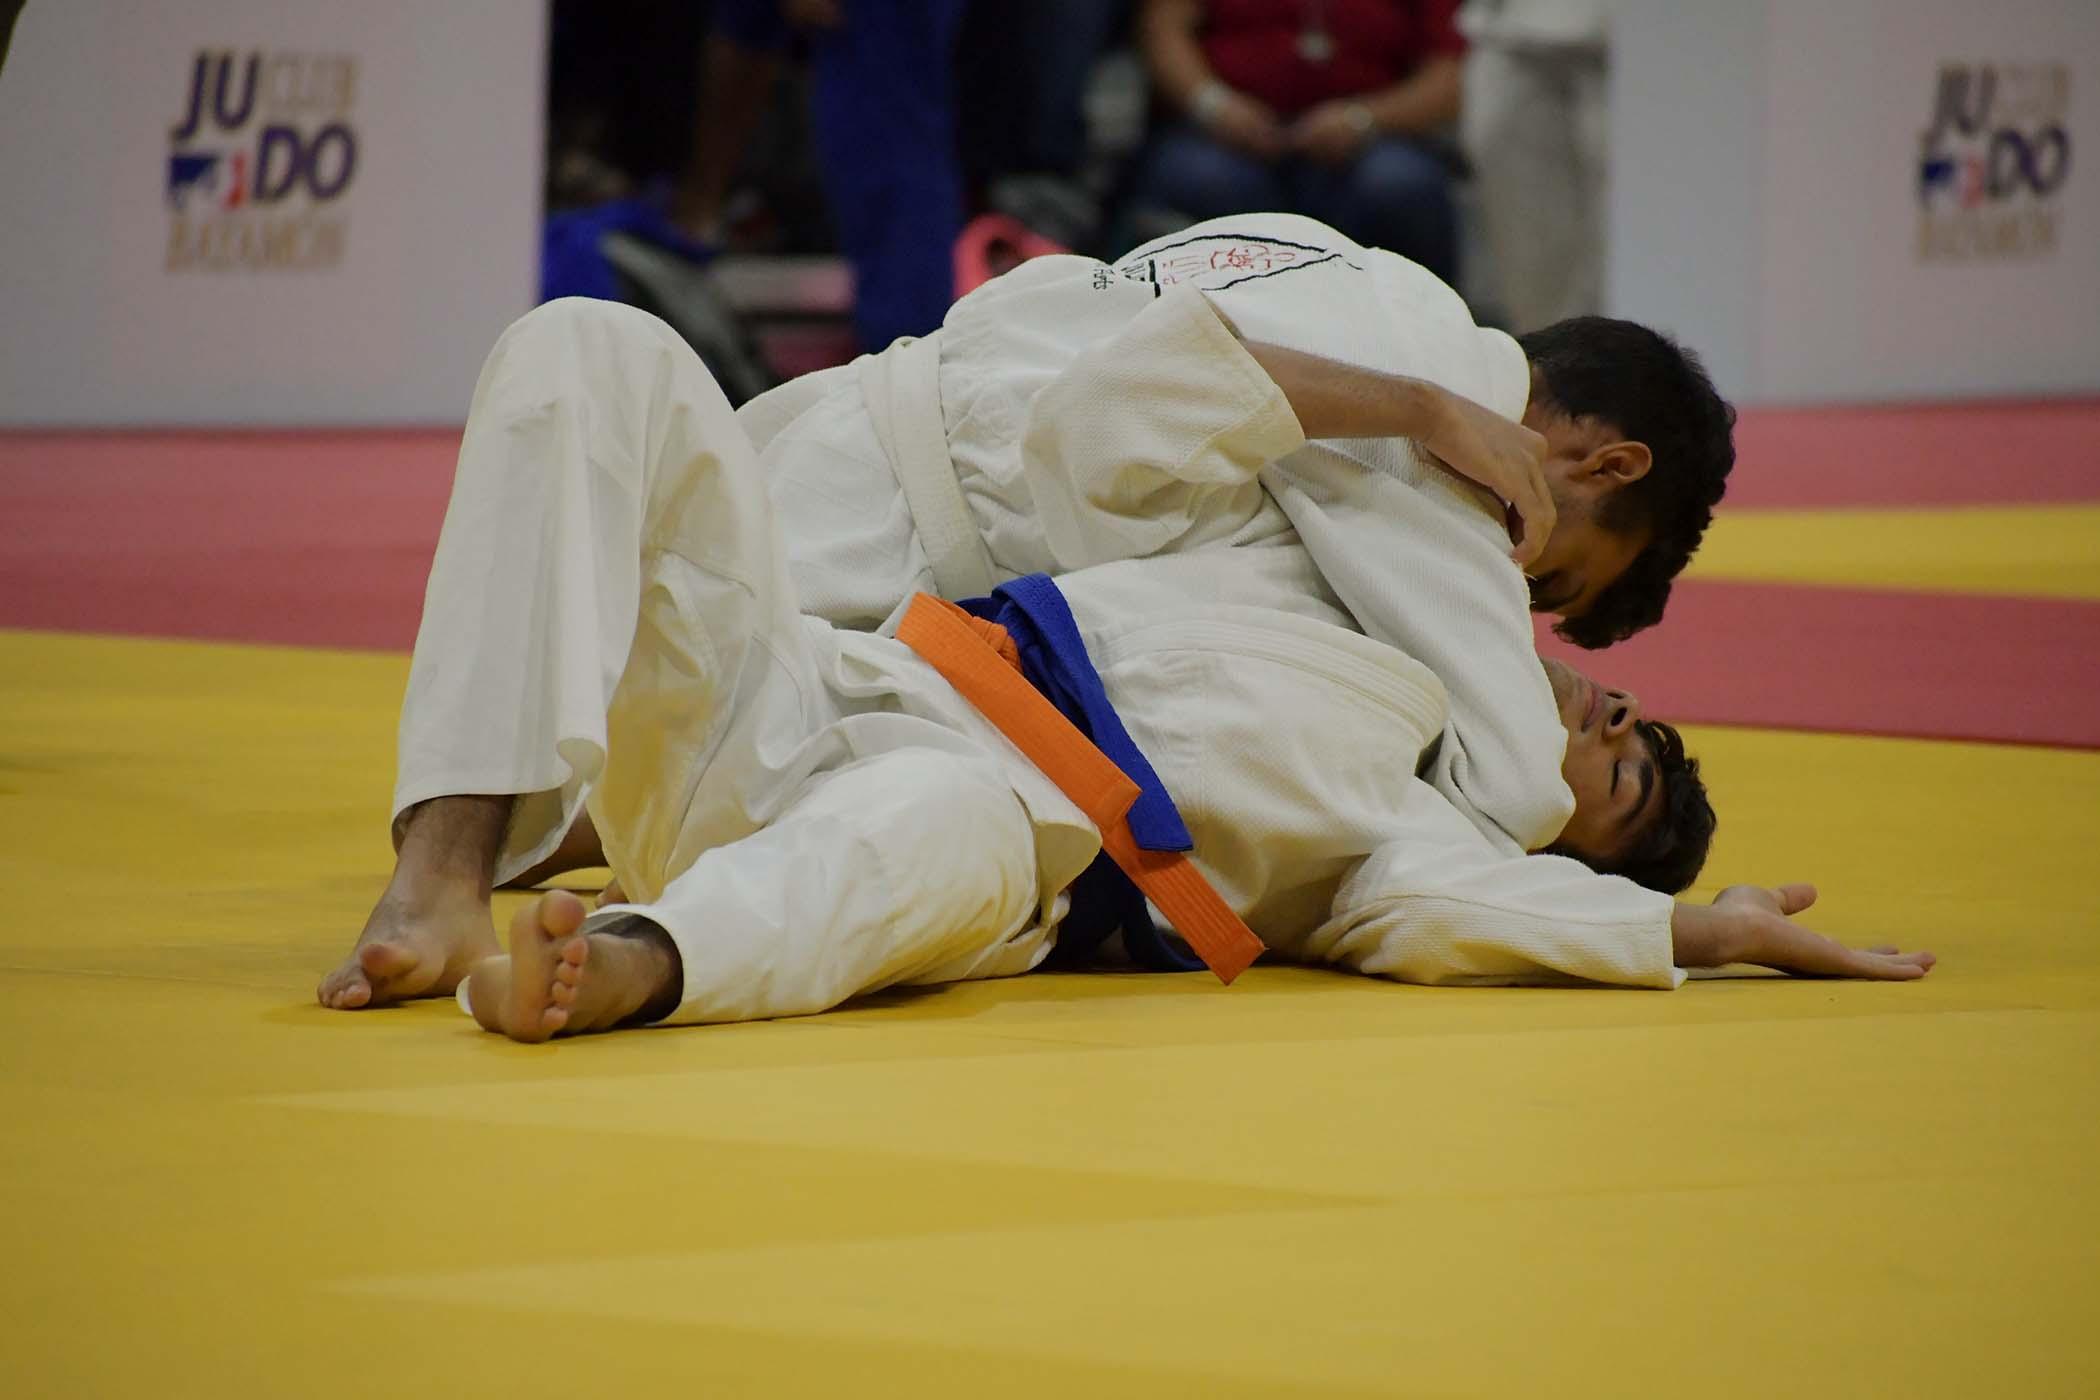 Competencia-JUDO-2019-84